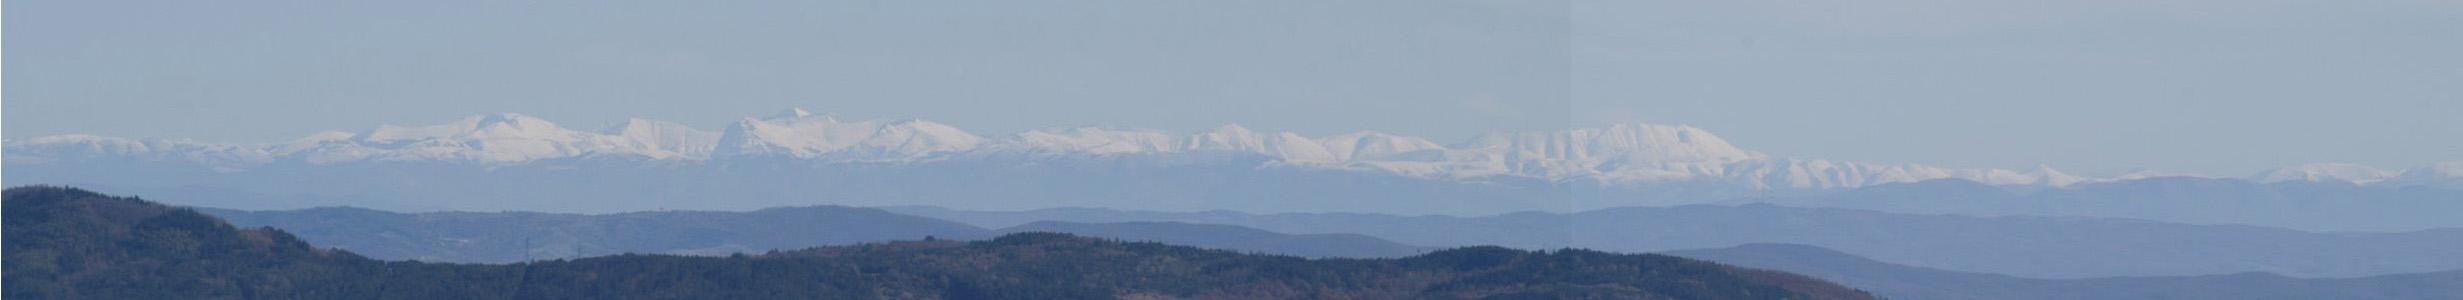 Veduta Amiata su Monti Sibillini